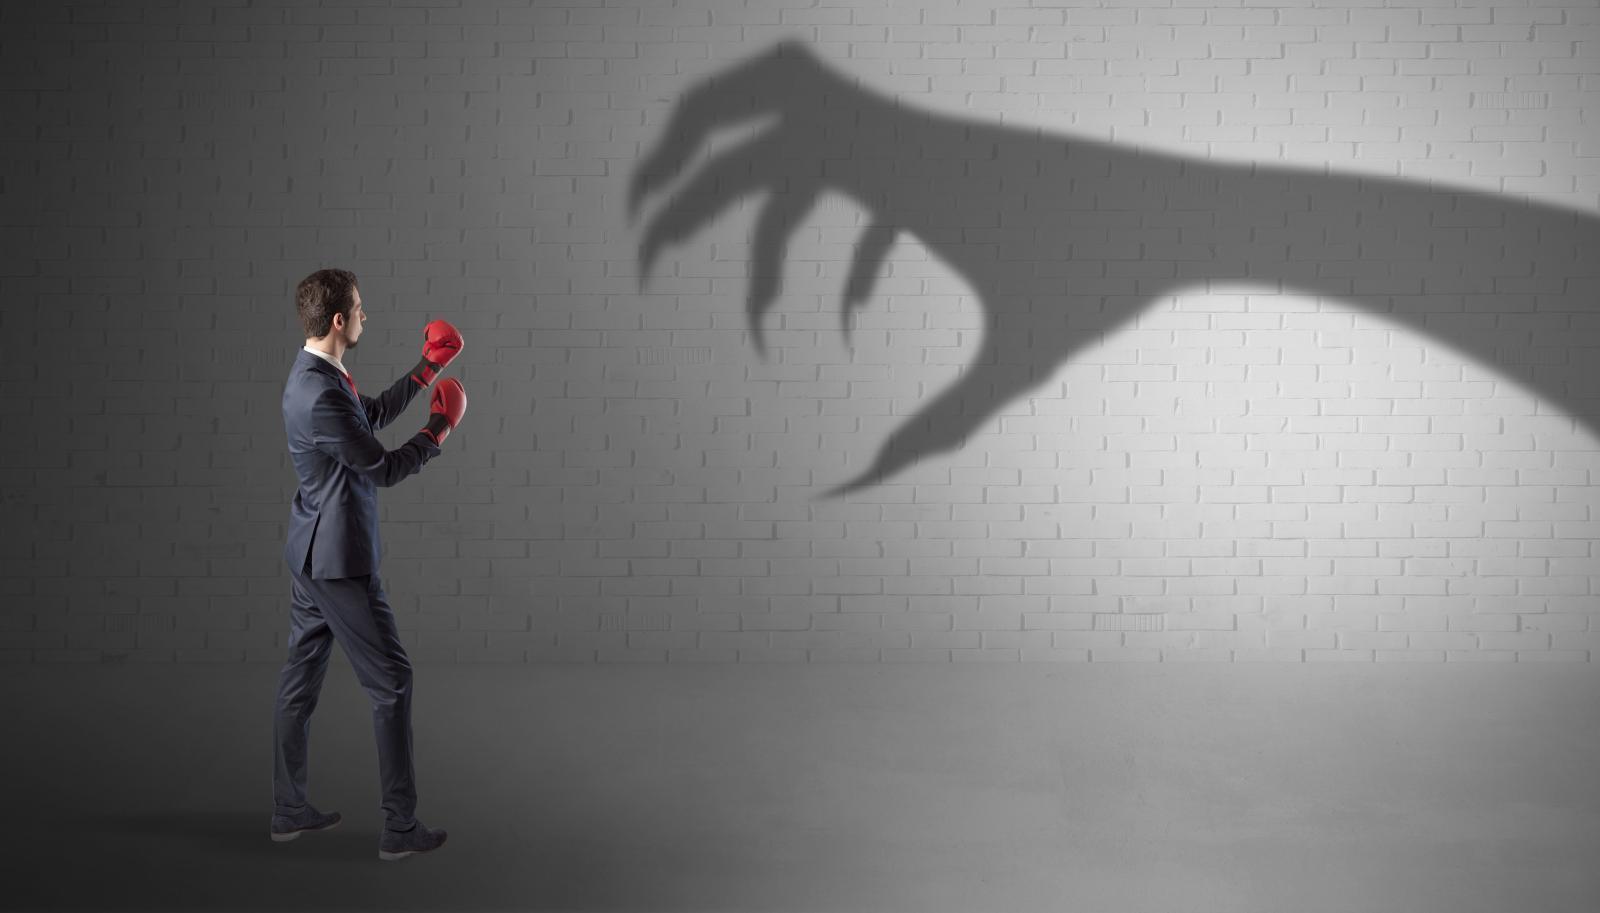 Представьте свой страх в виде предмета,